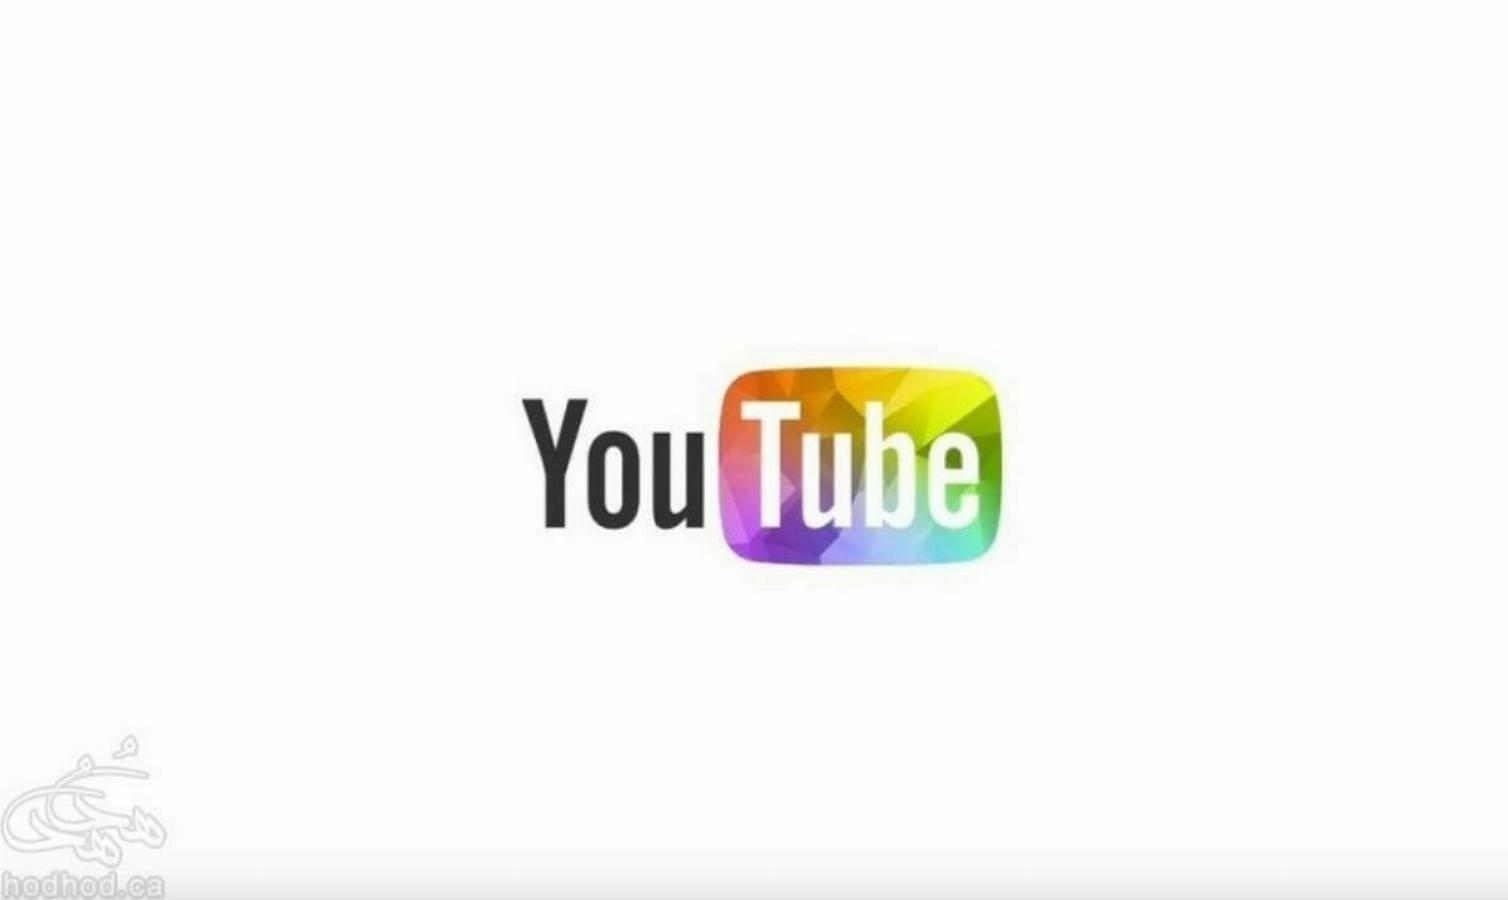 تغییر نماد یوتوب برای حمایت از دگرباشان